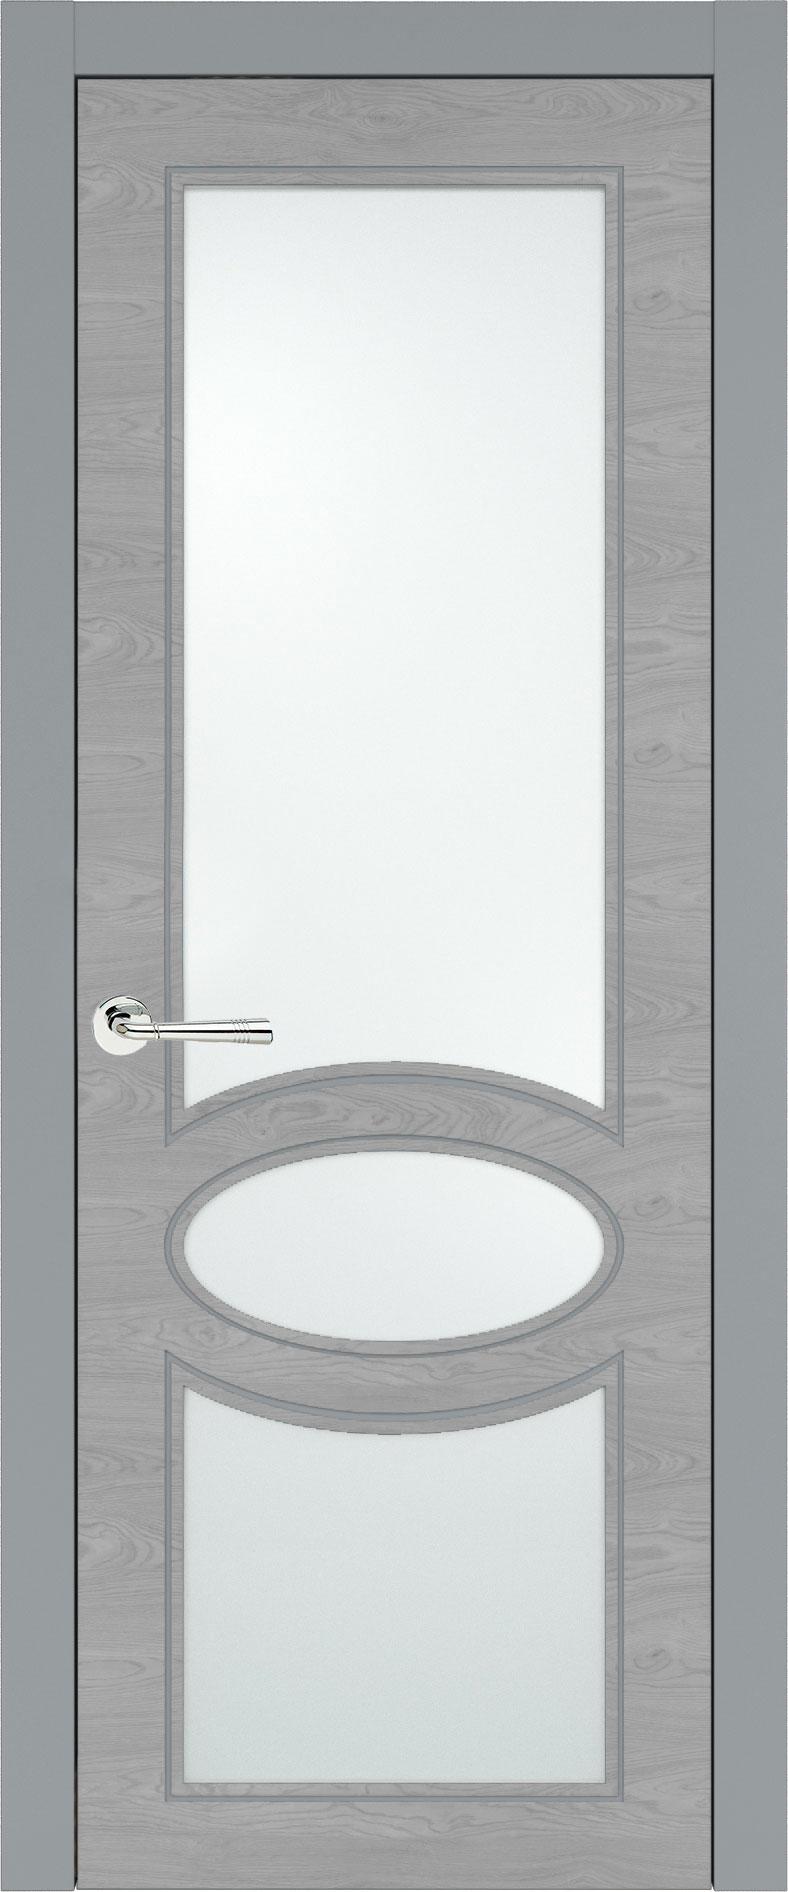 Florencia Neo Classic цвет - Серебристо-серая эмаль (RAL 7045) Со стеклом (ДО)